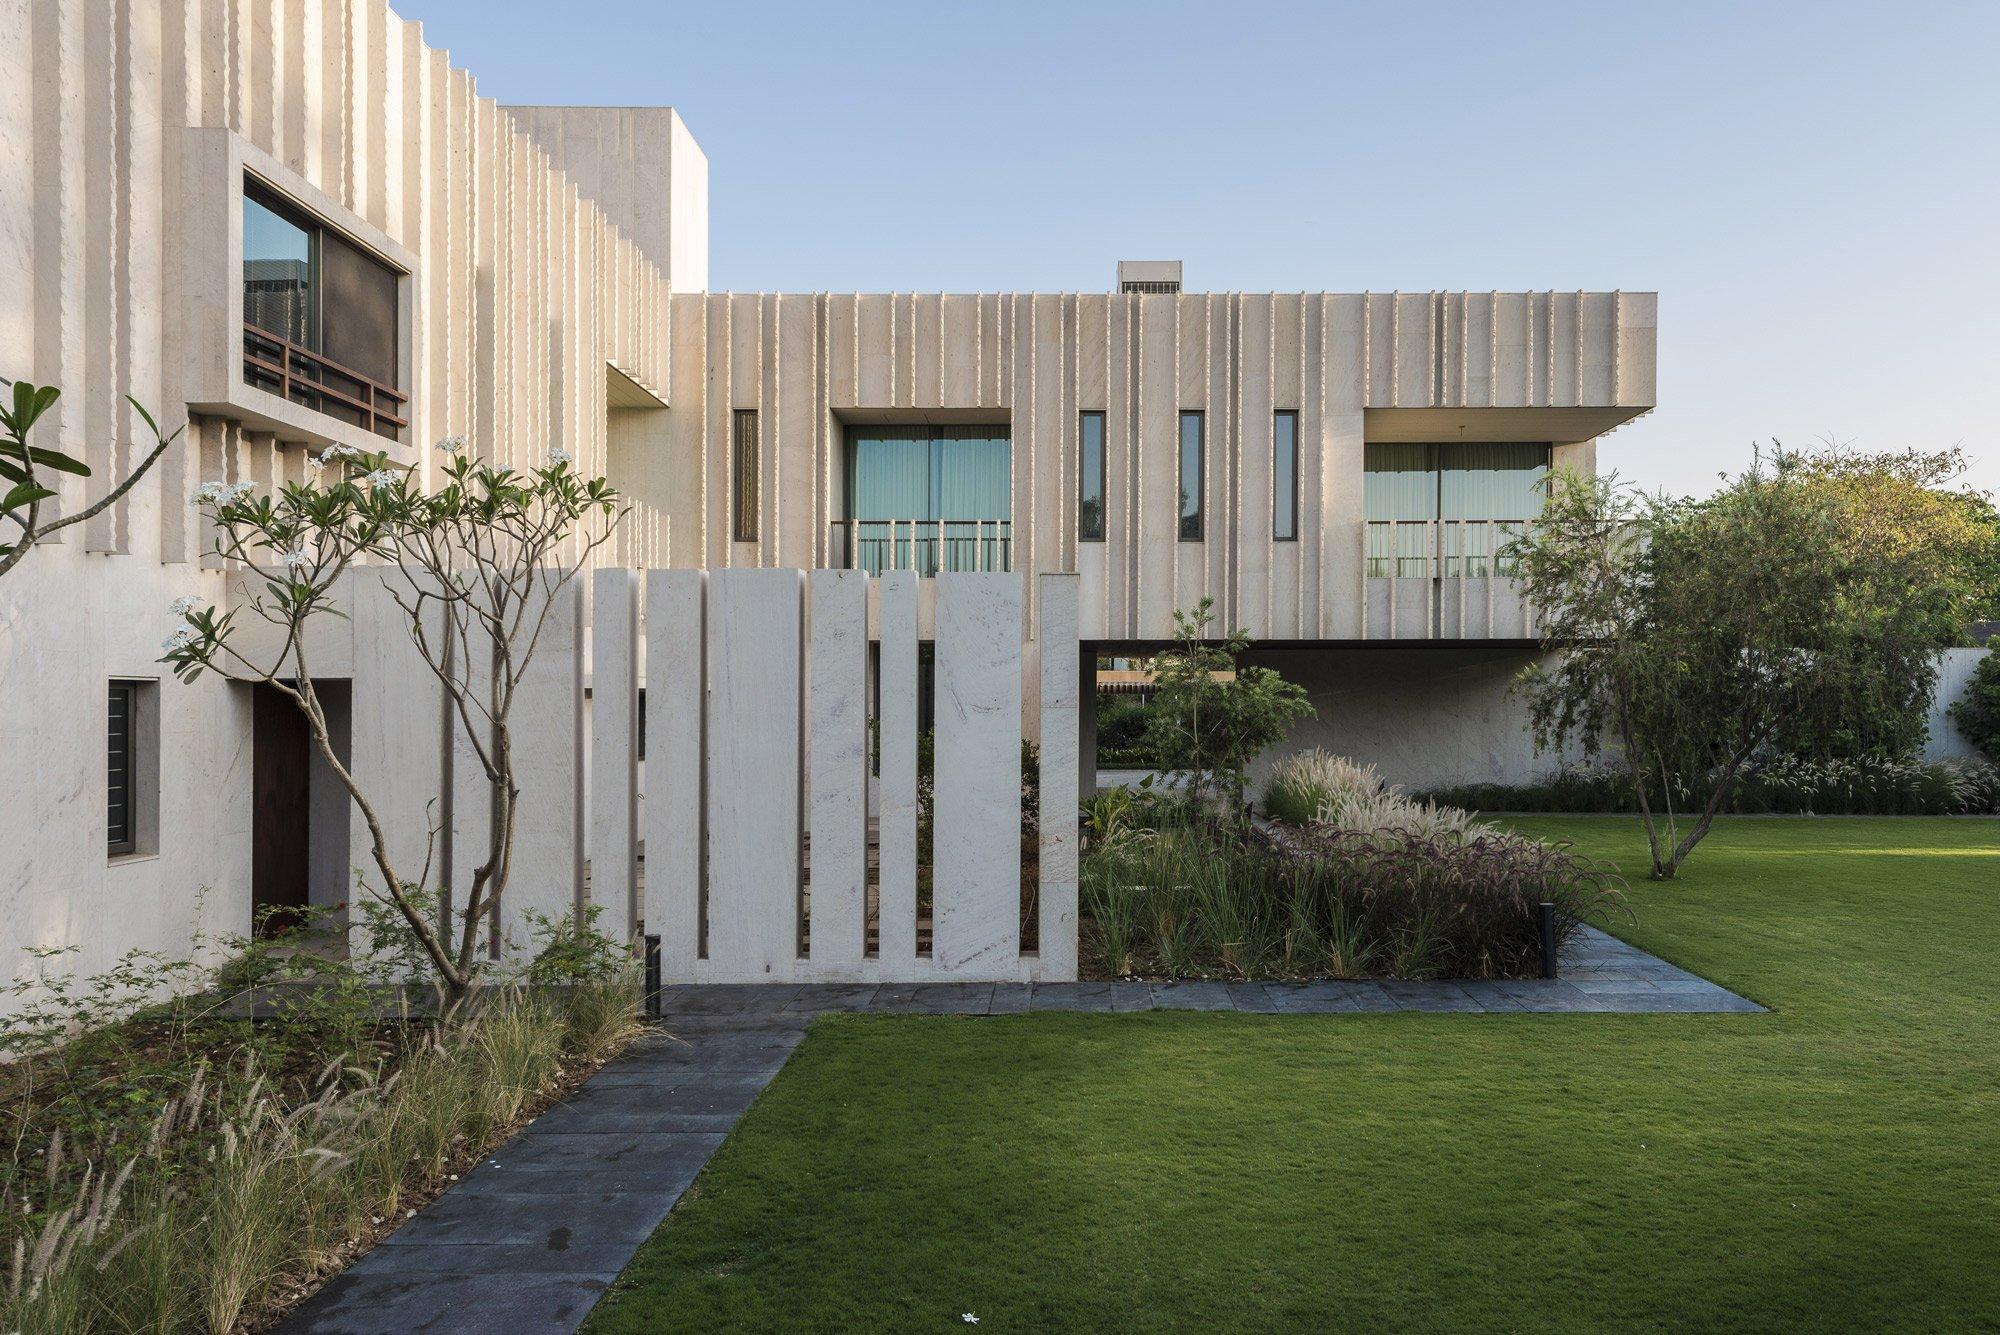 House of Secret Gardens by Spasm Design © Photographix – Sebastian Zachariah & Ira Gosalia, courtesy Spasm Design